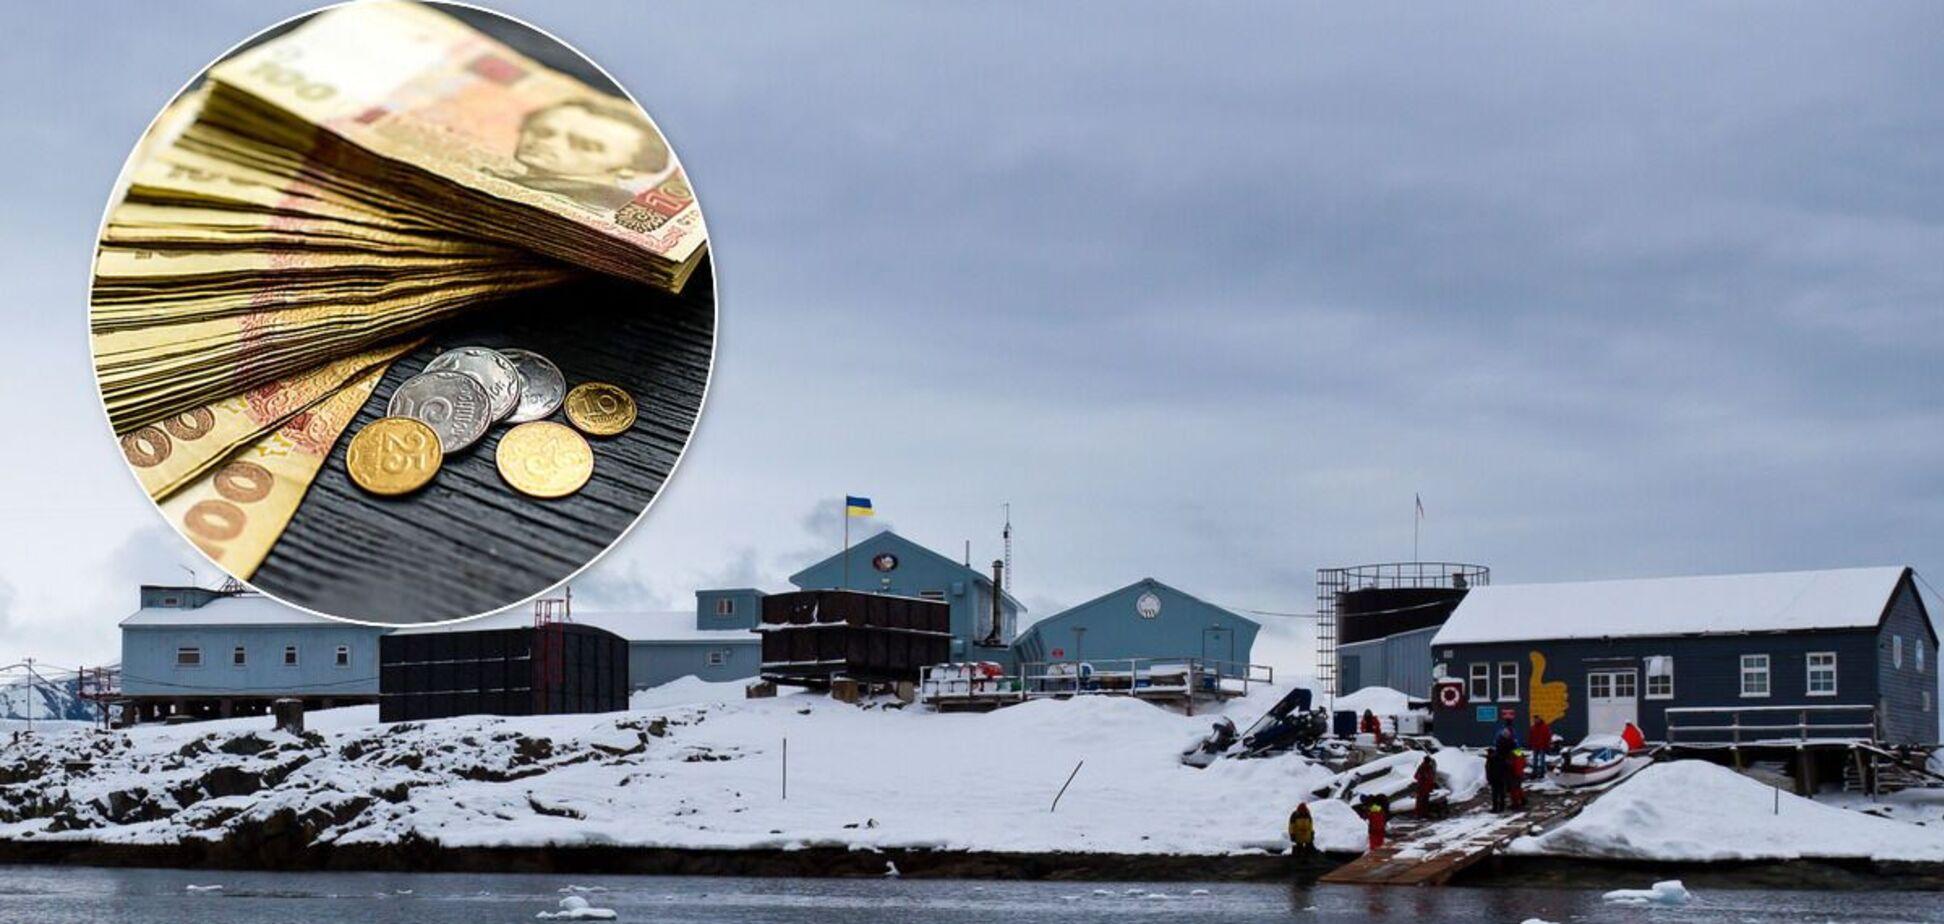 Украинским полярникам впервые за 20 лет подняли зарплату: сколько получают